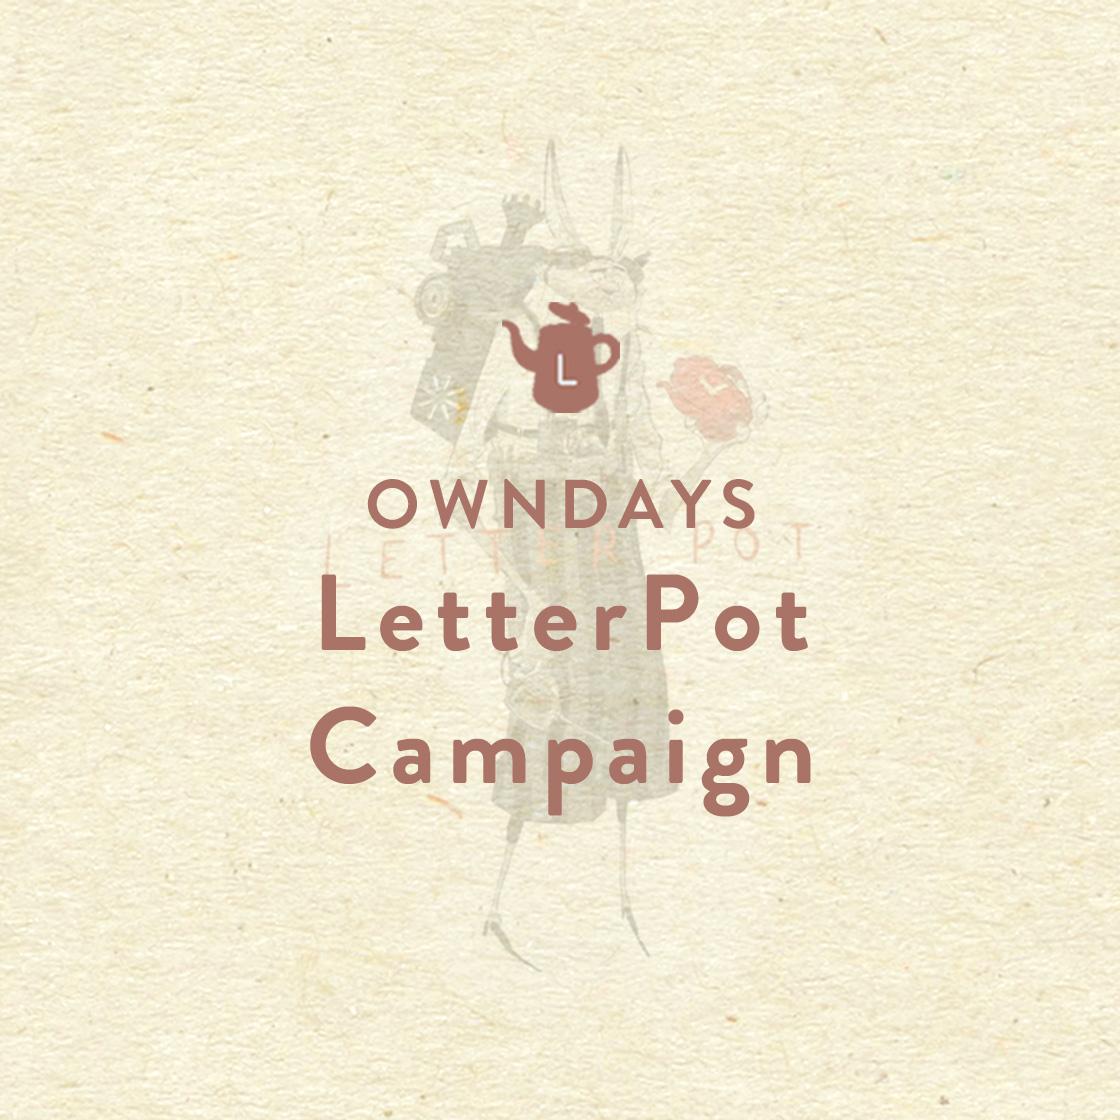 【終了】LetterPot Campaign